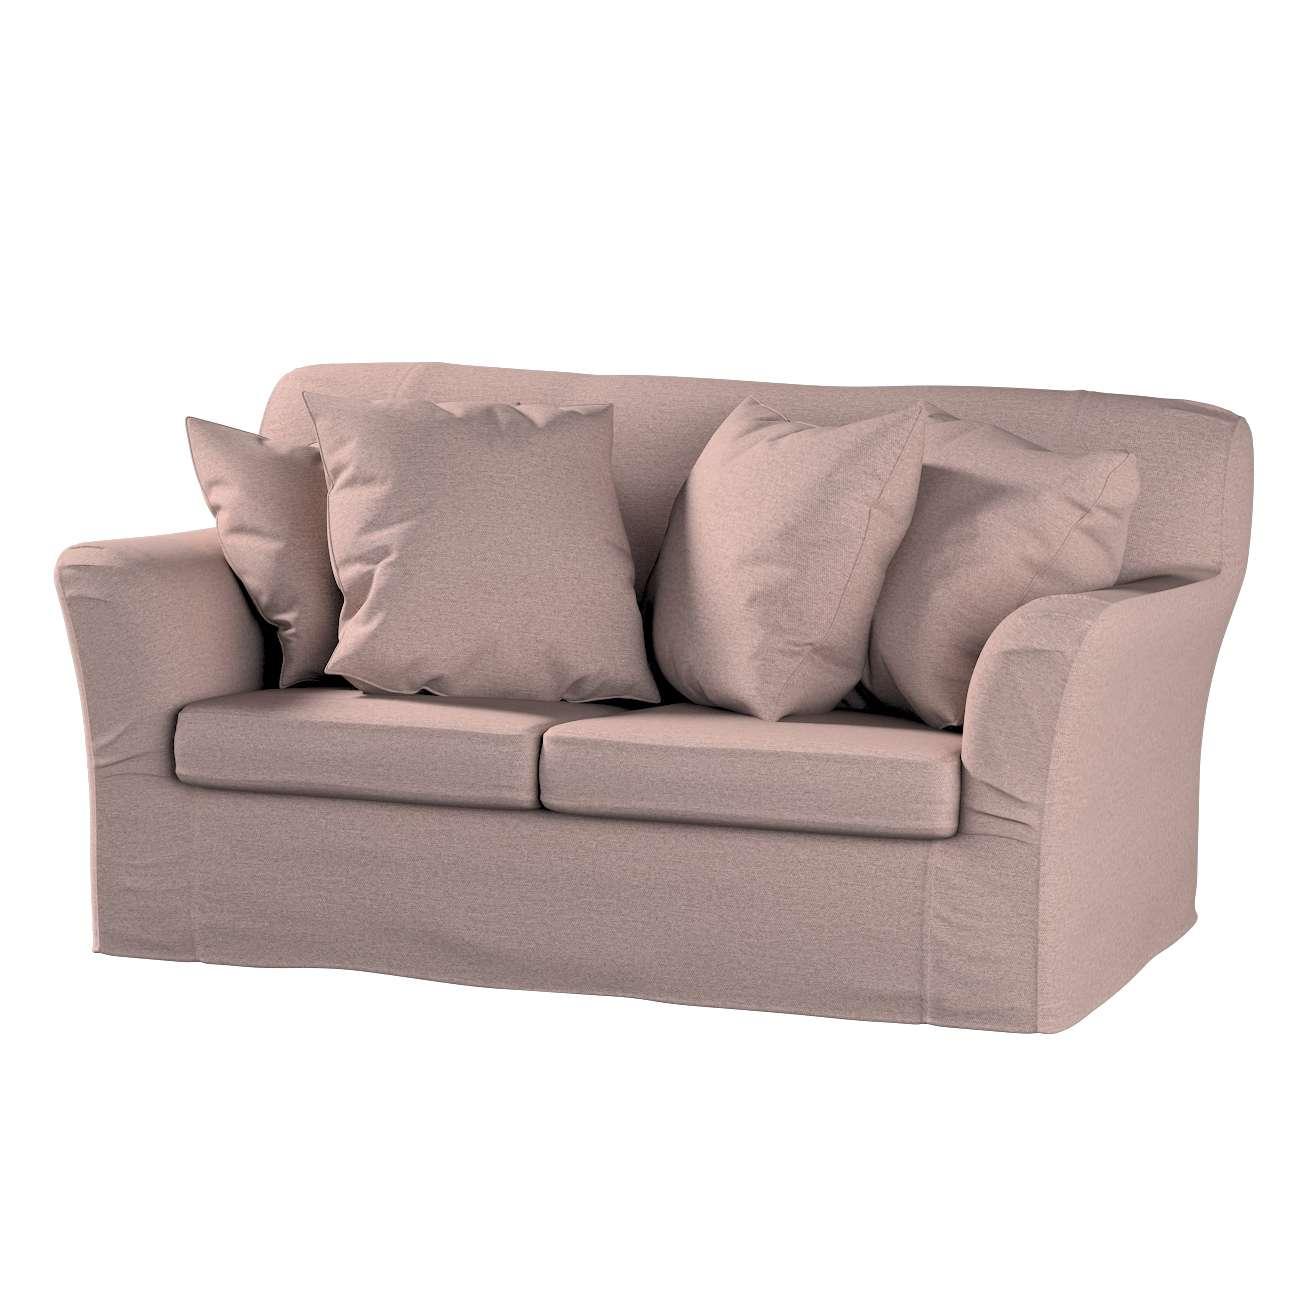 Pokrowiec na sofę Tomelilla 2-osobową nierozkładaną w kolekcji Madrid, tkanina: 161-88